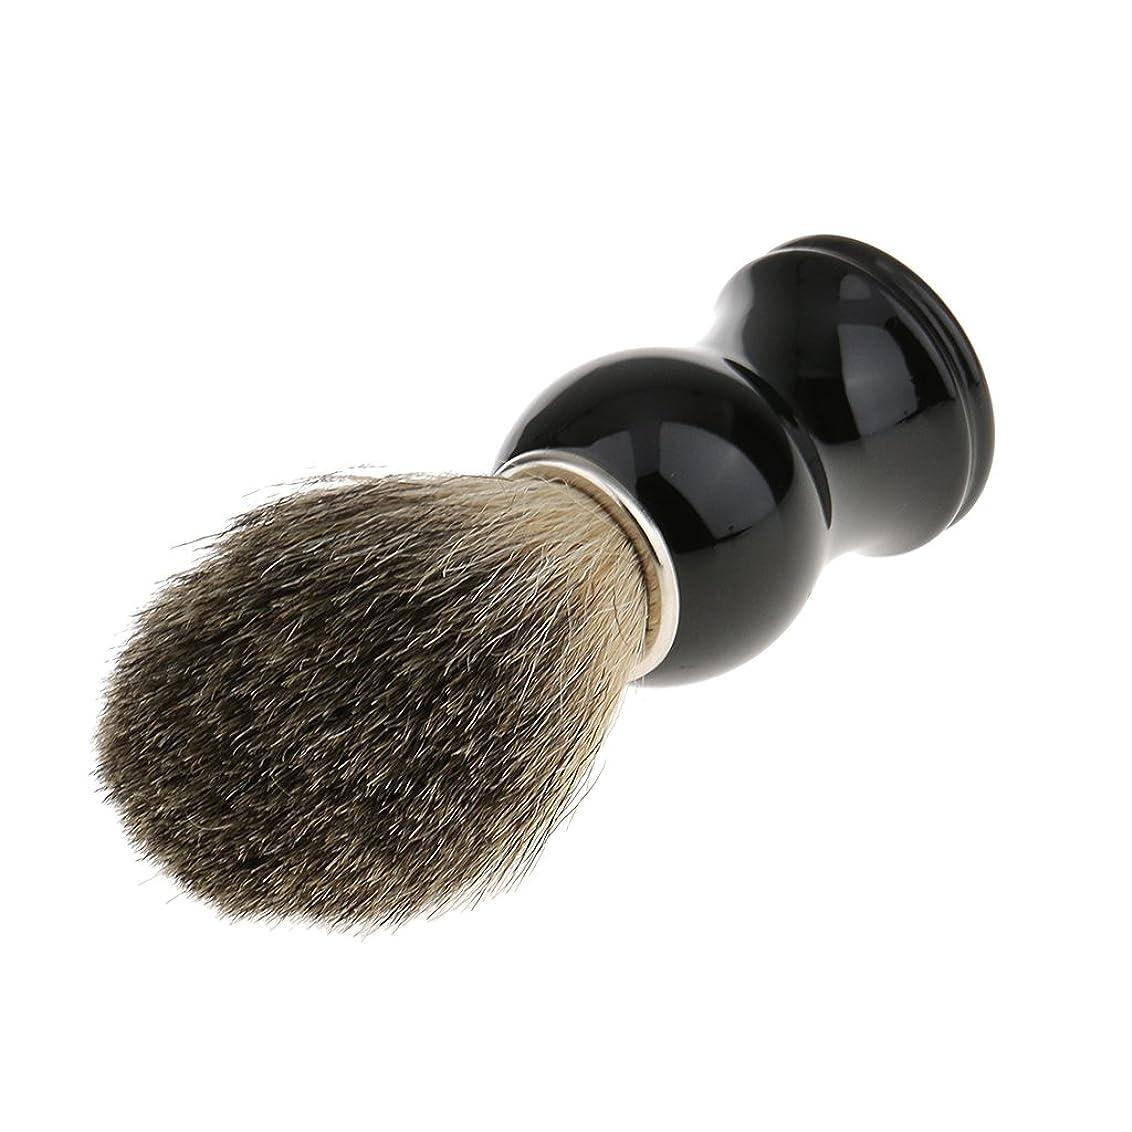 罪人刺しますホラーSONONIA 人工毛 シェービングブラシ 家庭 柔らかい 洗顔 理容  髭剃り 乾くやすい 便携 11.2cm 全2色 - ブラックハンドル